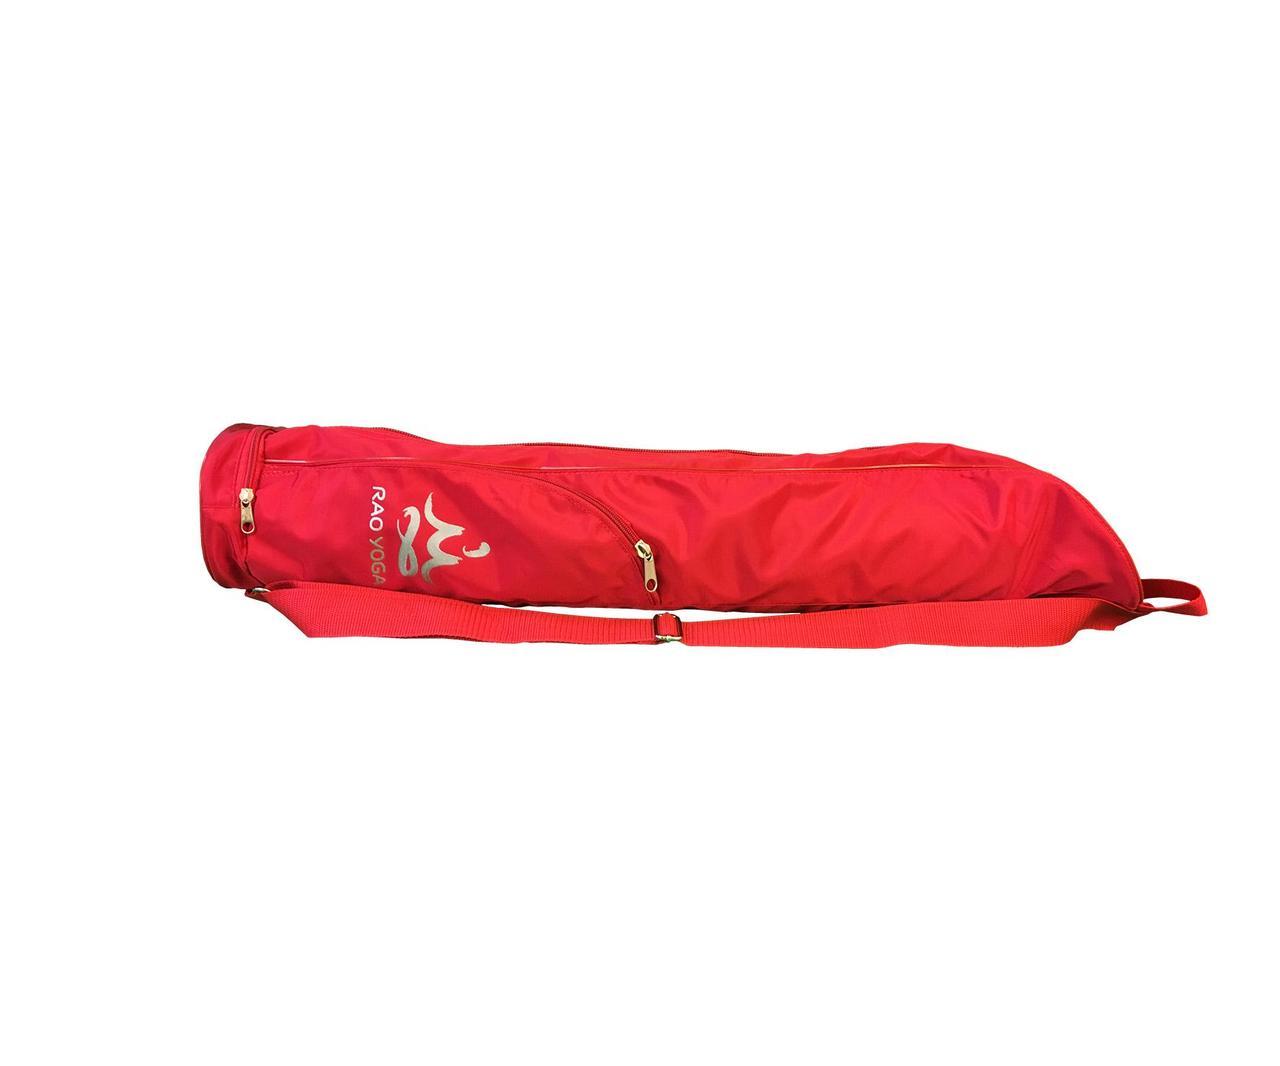 Чехол для йога-мата RAO Эксперт Плюс 65 х 21 см Красный (hub_qMys73147)